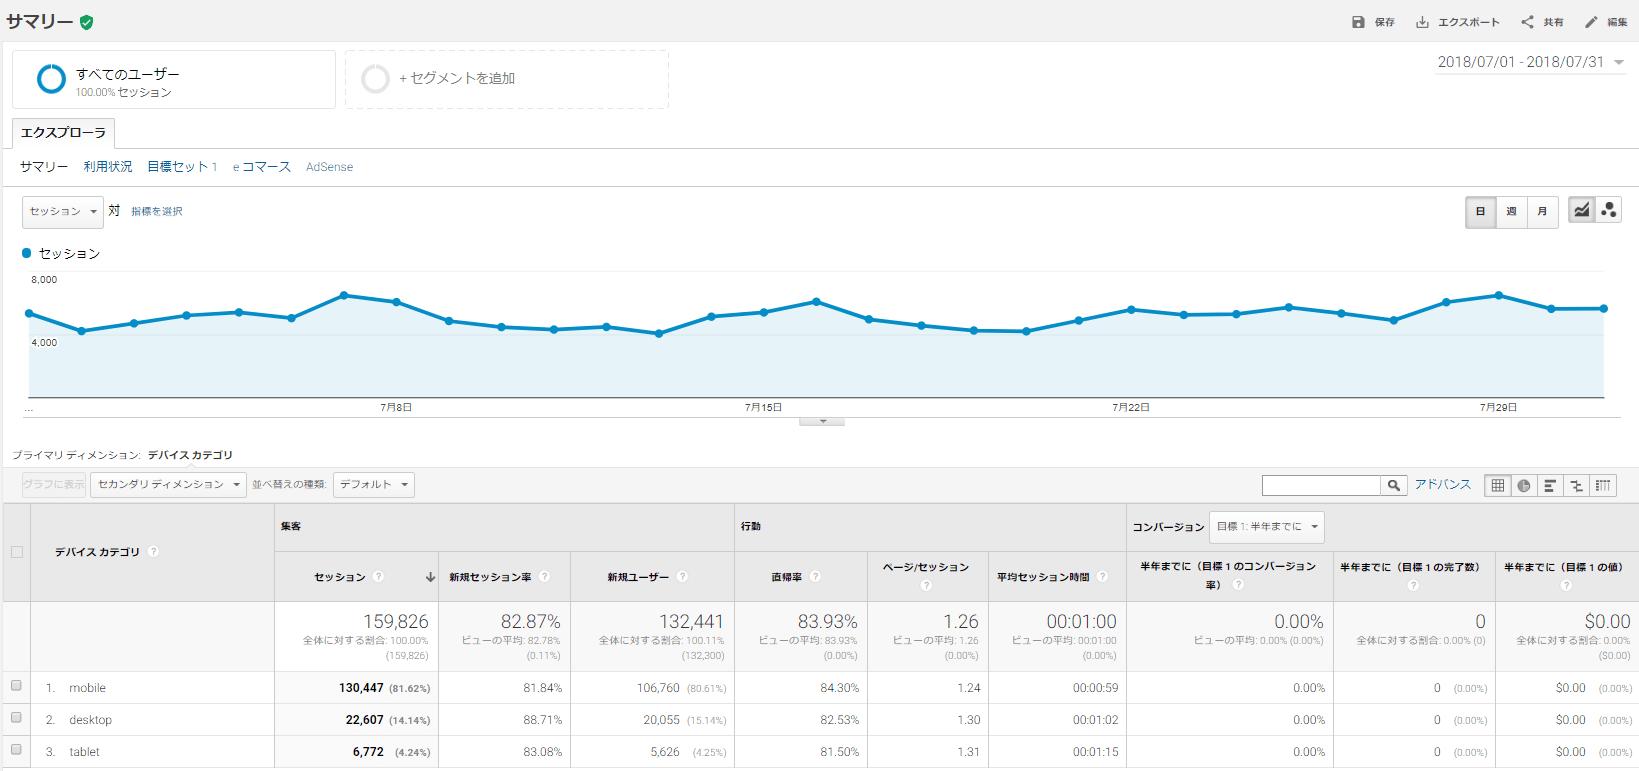 SoundZoo 2018年7月の月間報告・考察&改善&目標